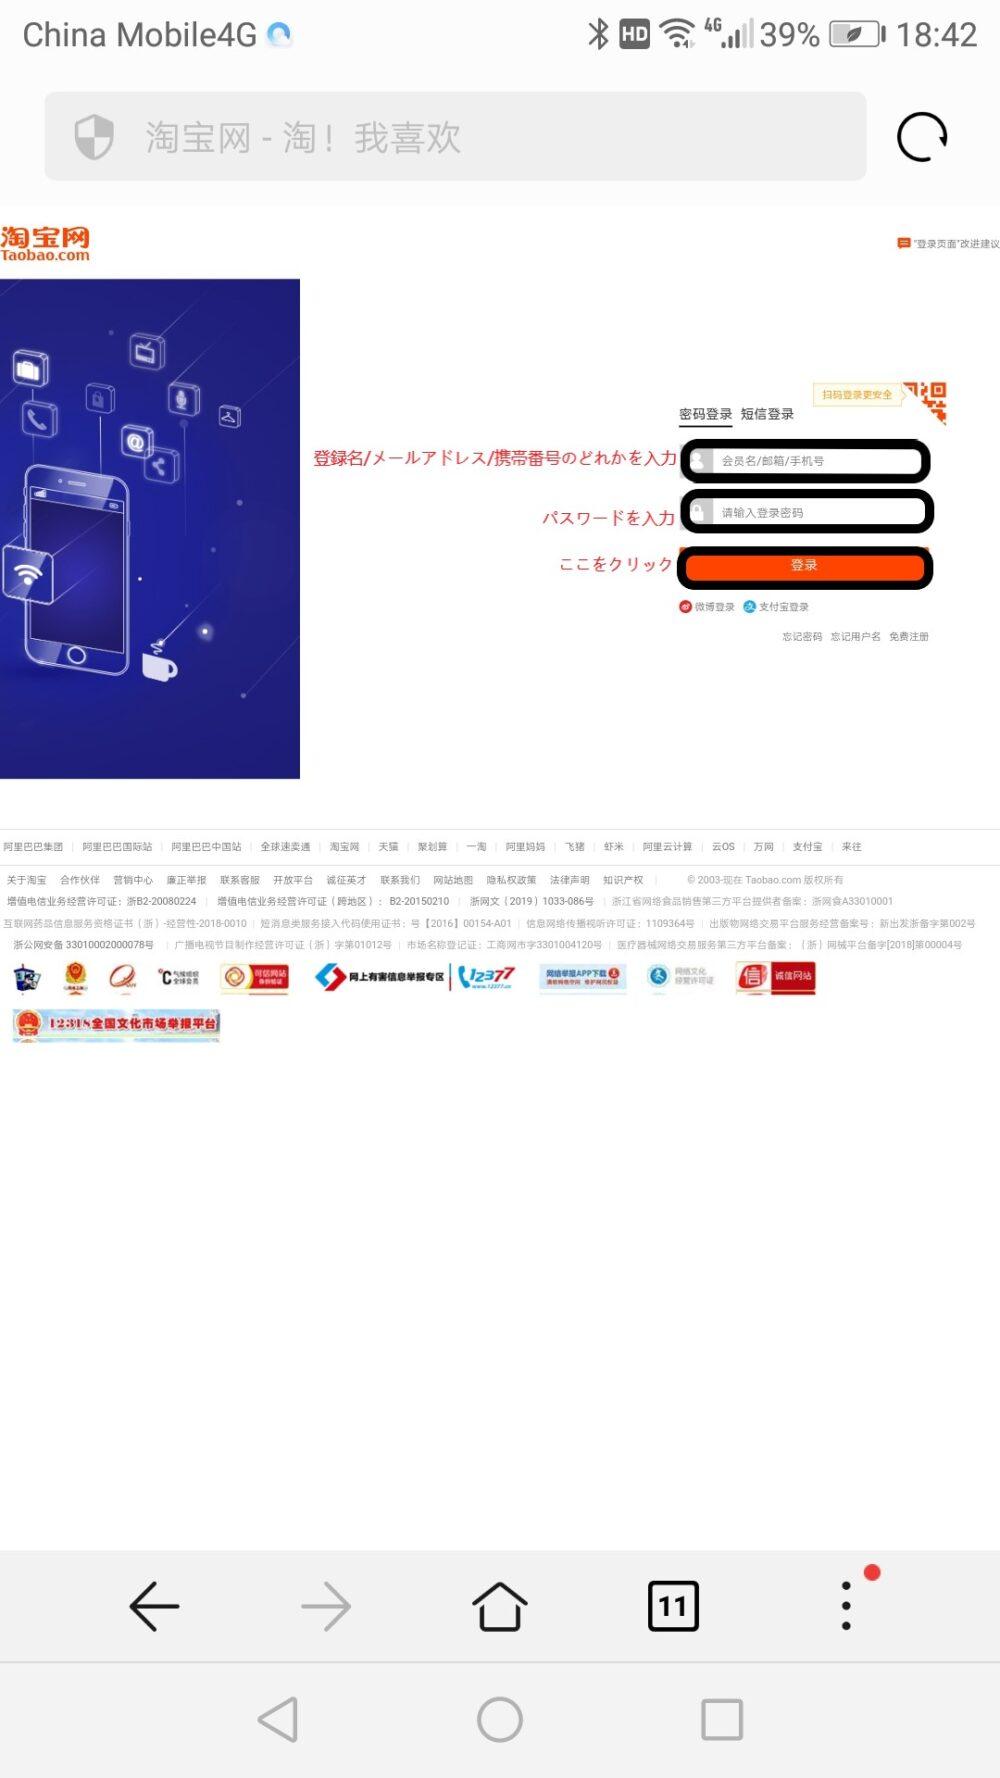 タオバオのサイトでログインするために登録名とパスワードを入力するところをスクリーンショットした画像